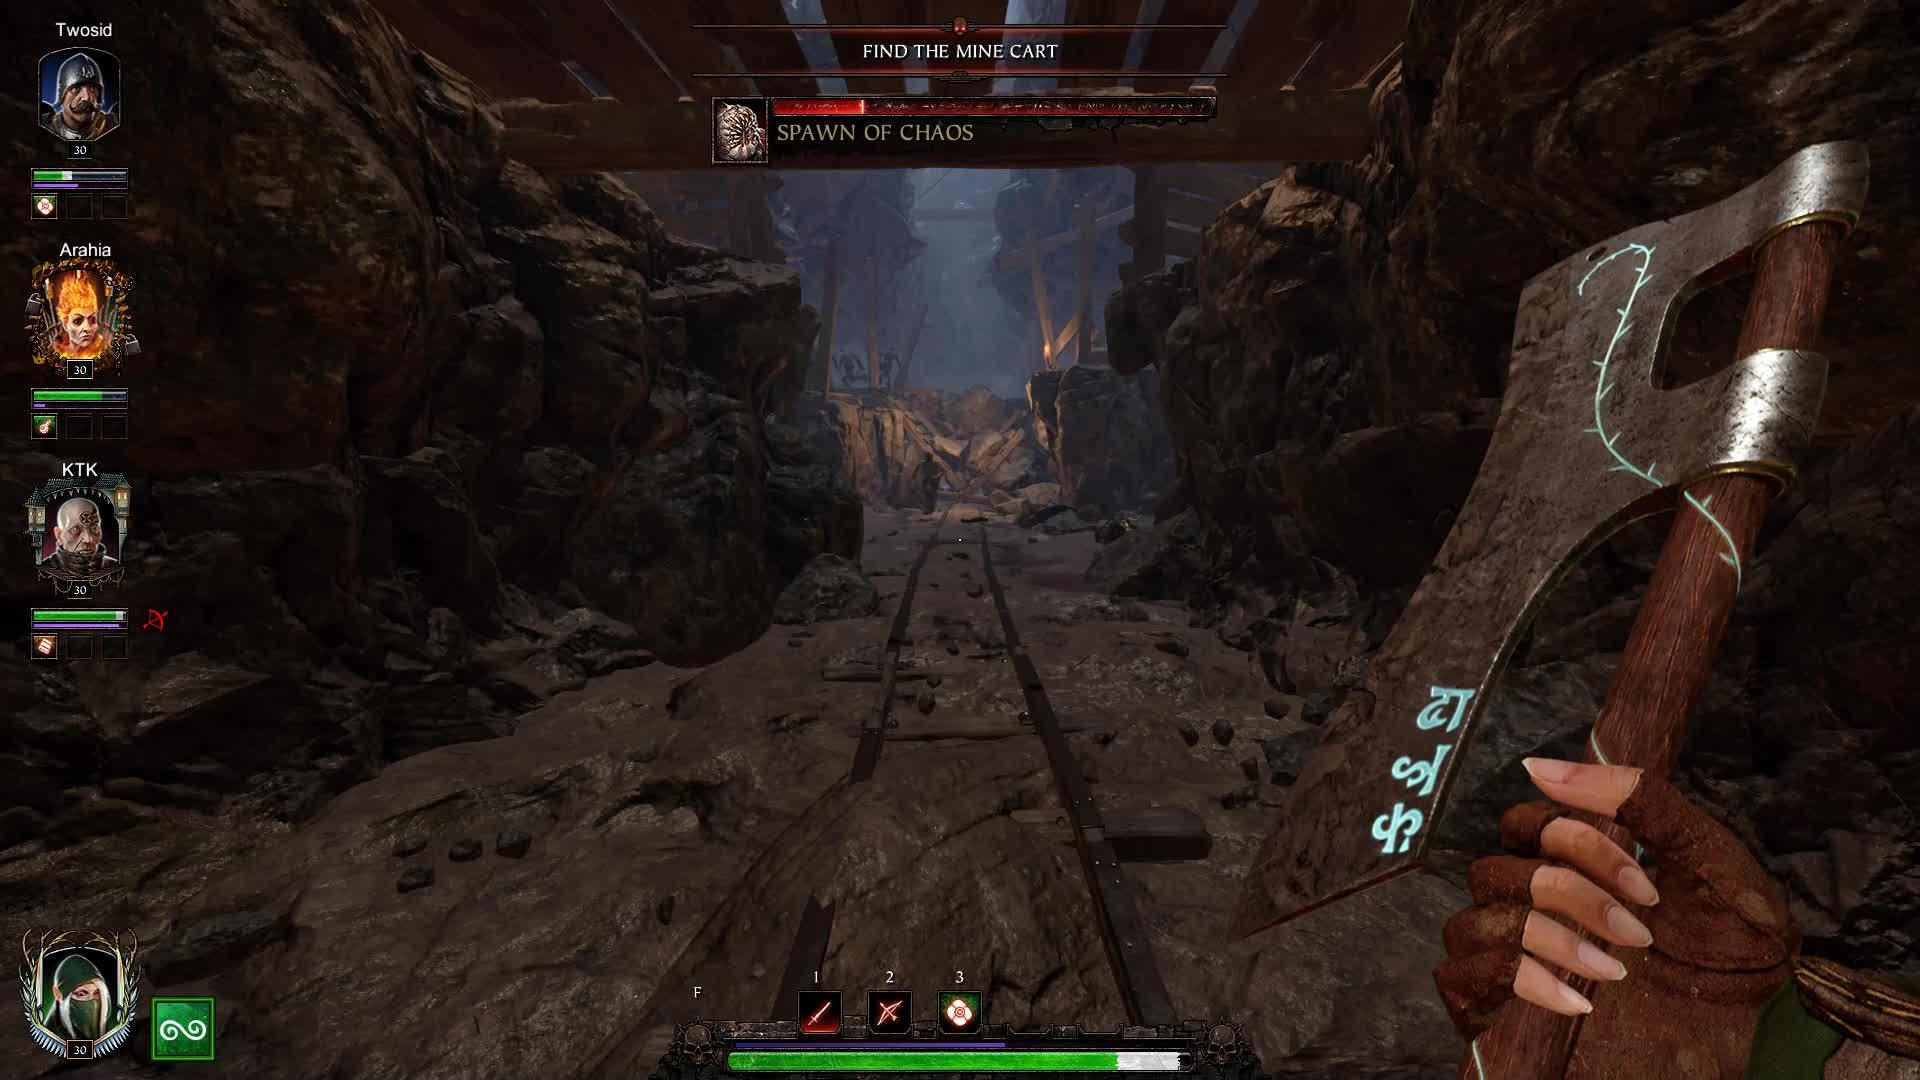 vermintide, Warhammer Vermintide 2 2019.02.28 - 01.18.15.04.DVR GIFs